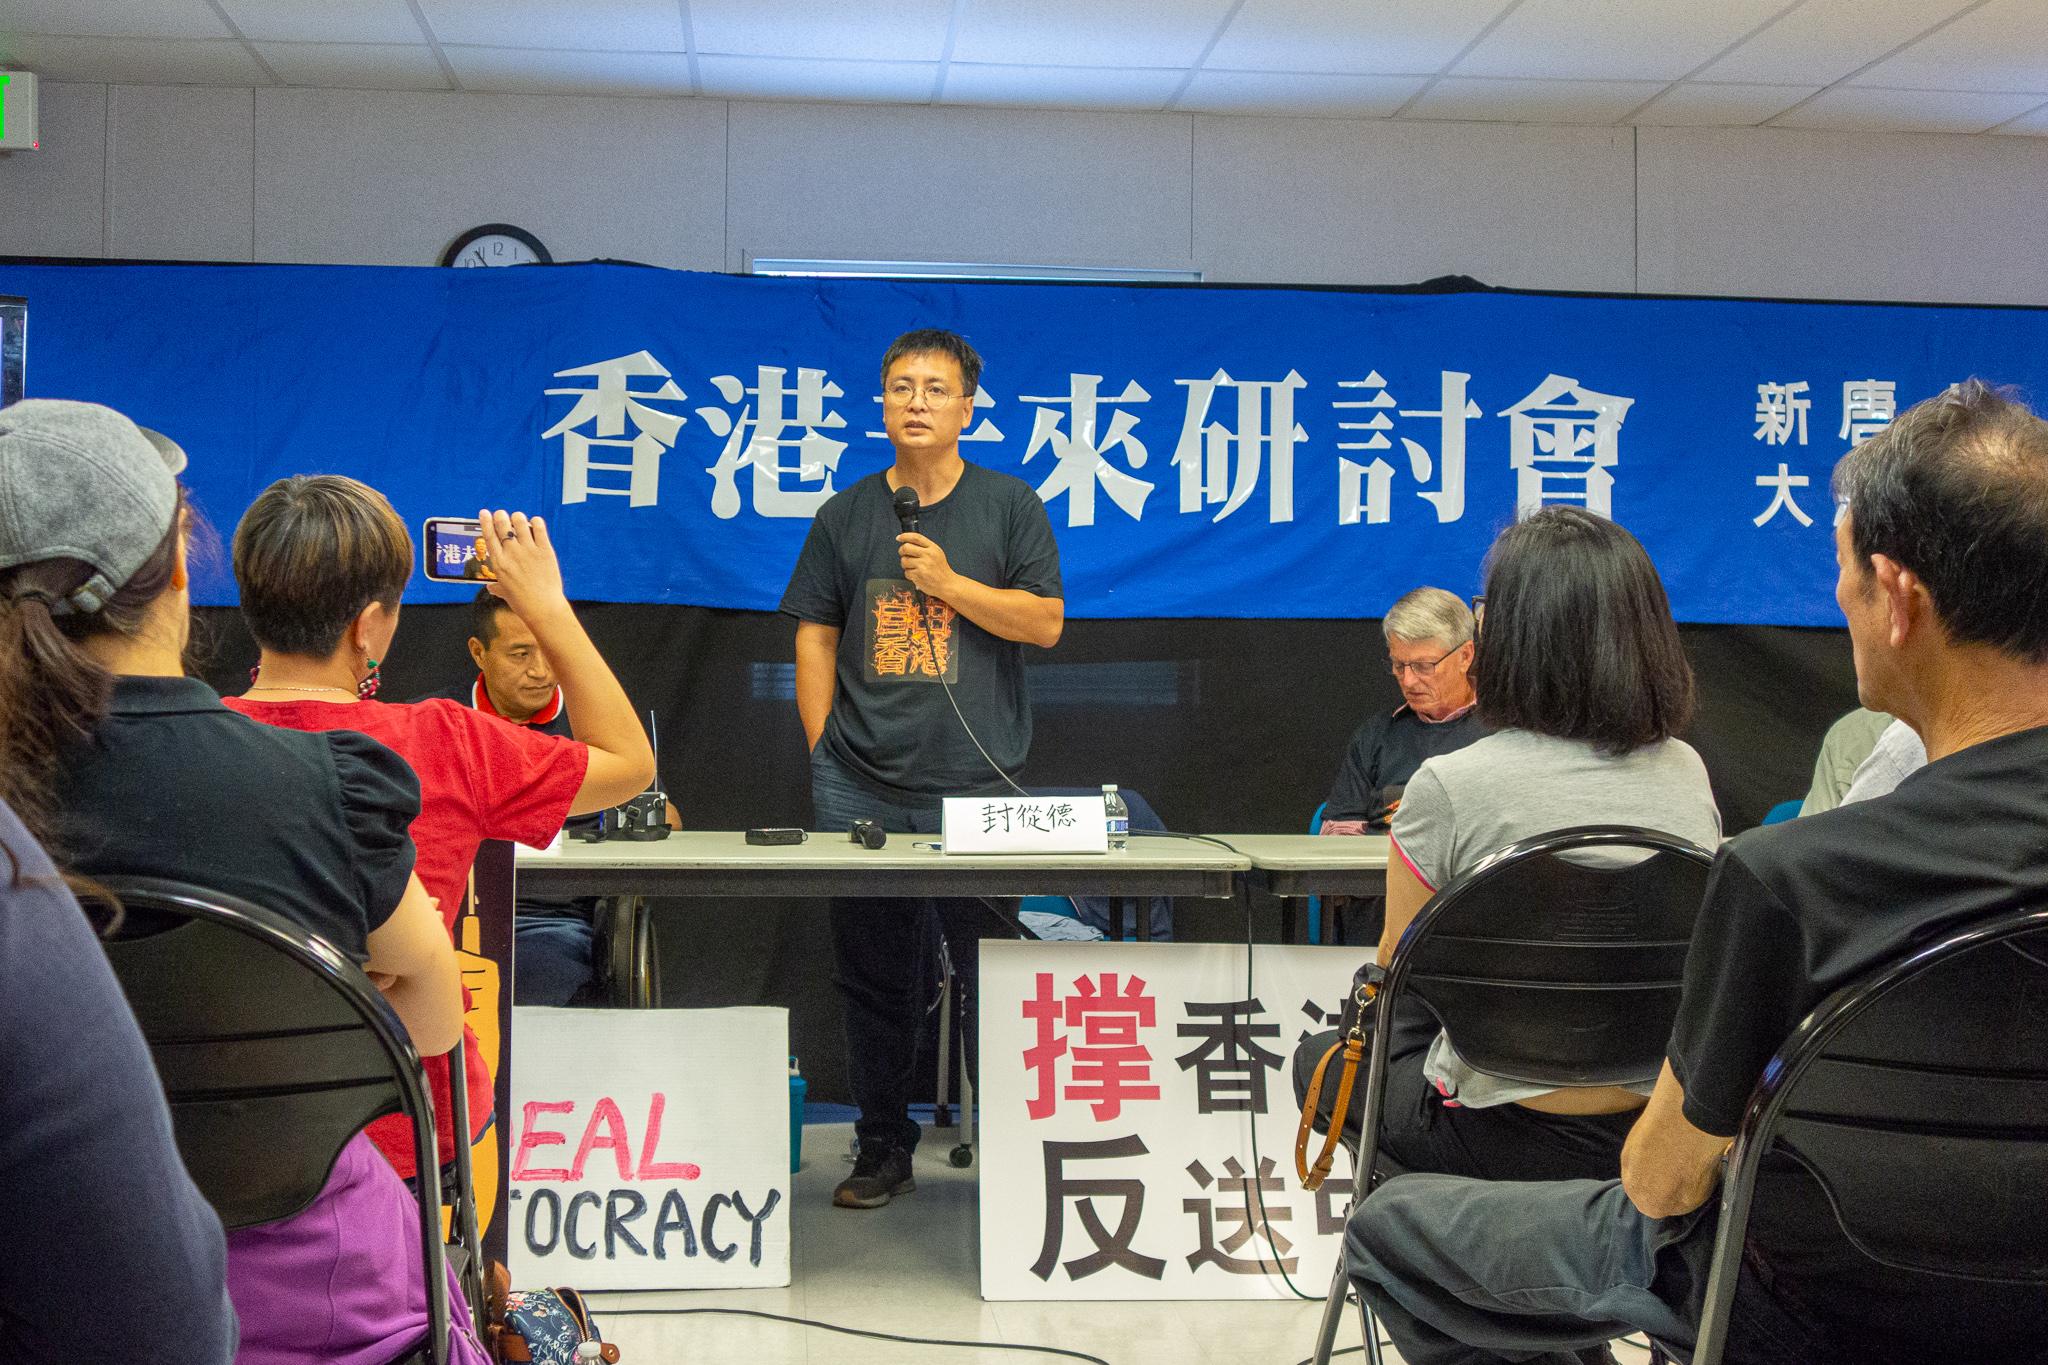 六四檔案網站主持人封從德非常讚賞香港民眾的理性和智慧,強調「和理非」與「勇武派」不割蓆,讓中共分化抗爭民眾的陰謀無法得逞。(曹景哲/大紀元)